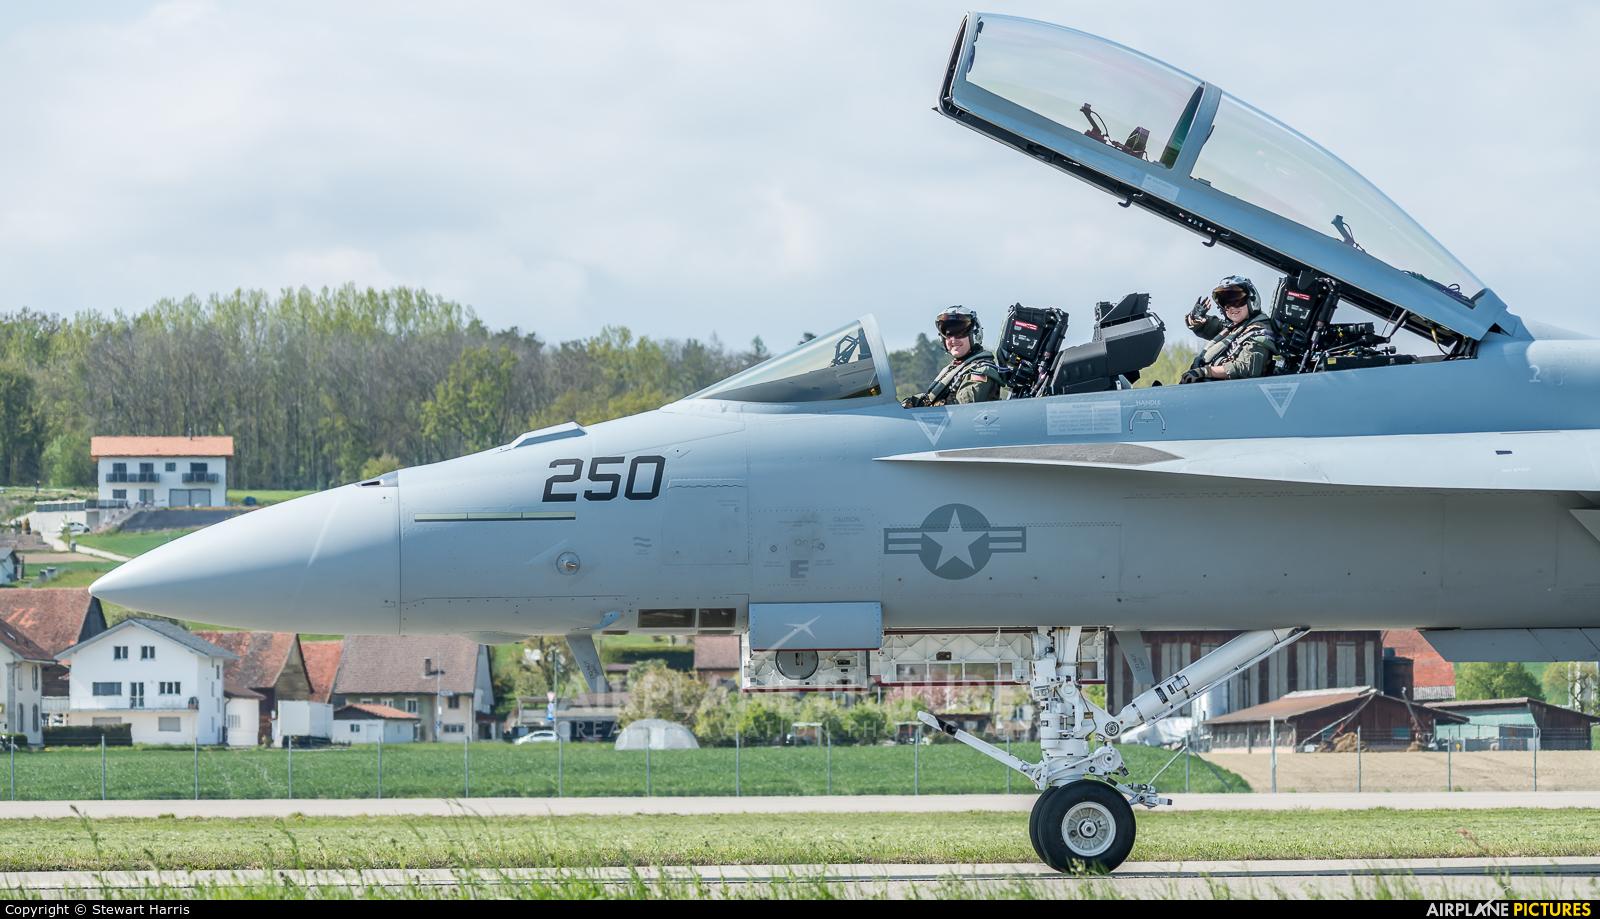 USA - Navy 250 aircraft at Payerne